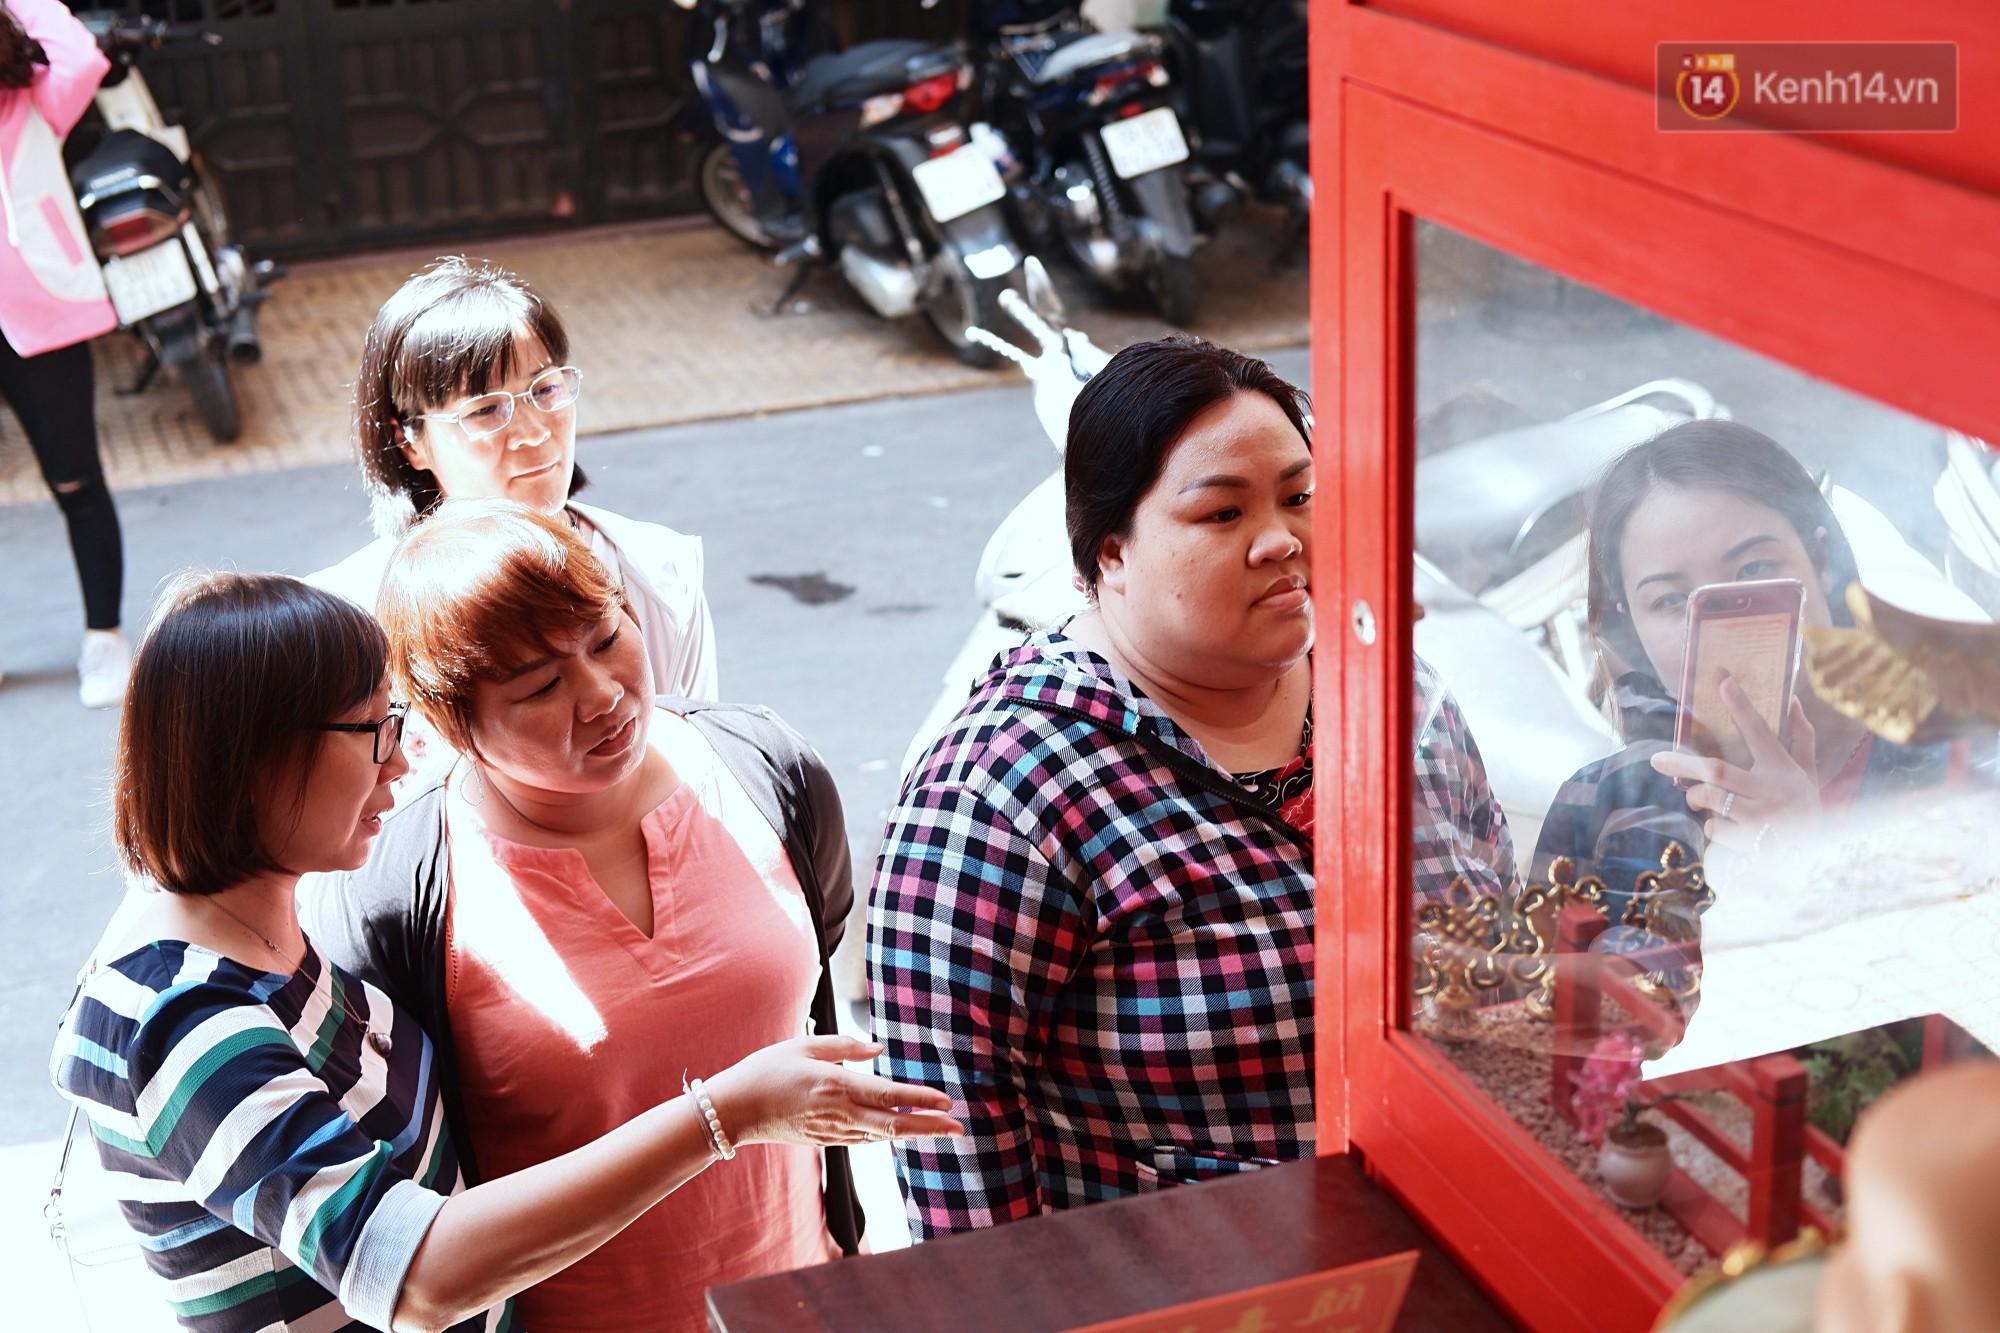 Bỏ tiền xu lấy thẻ xăm bằng máy tự động: Người Sài Gòn nườm nượp xem quẻ đầu năm thời công nghệ 4.0 - Ảnh 3.